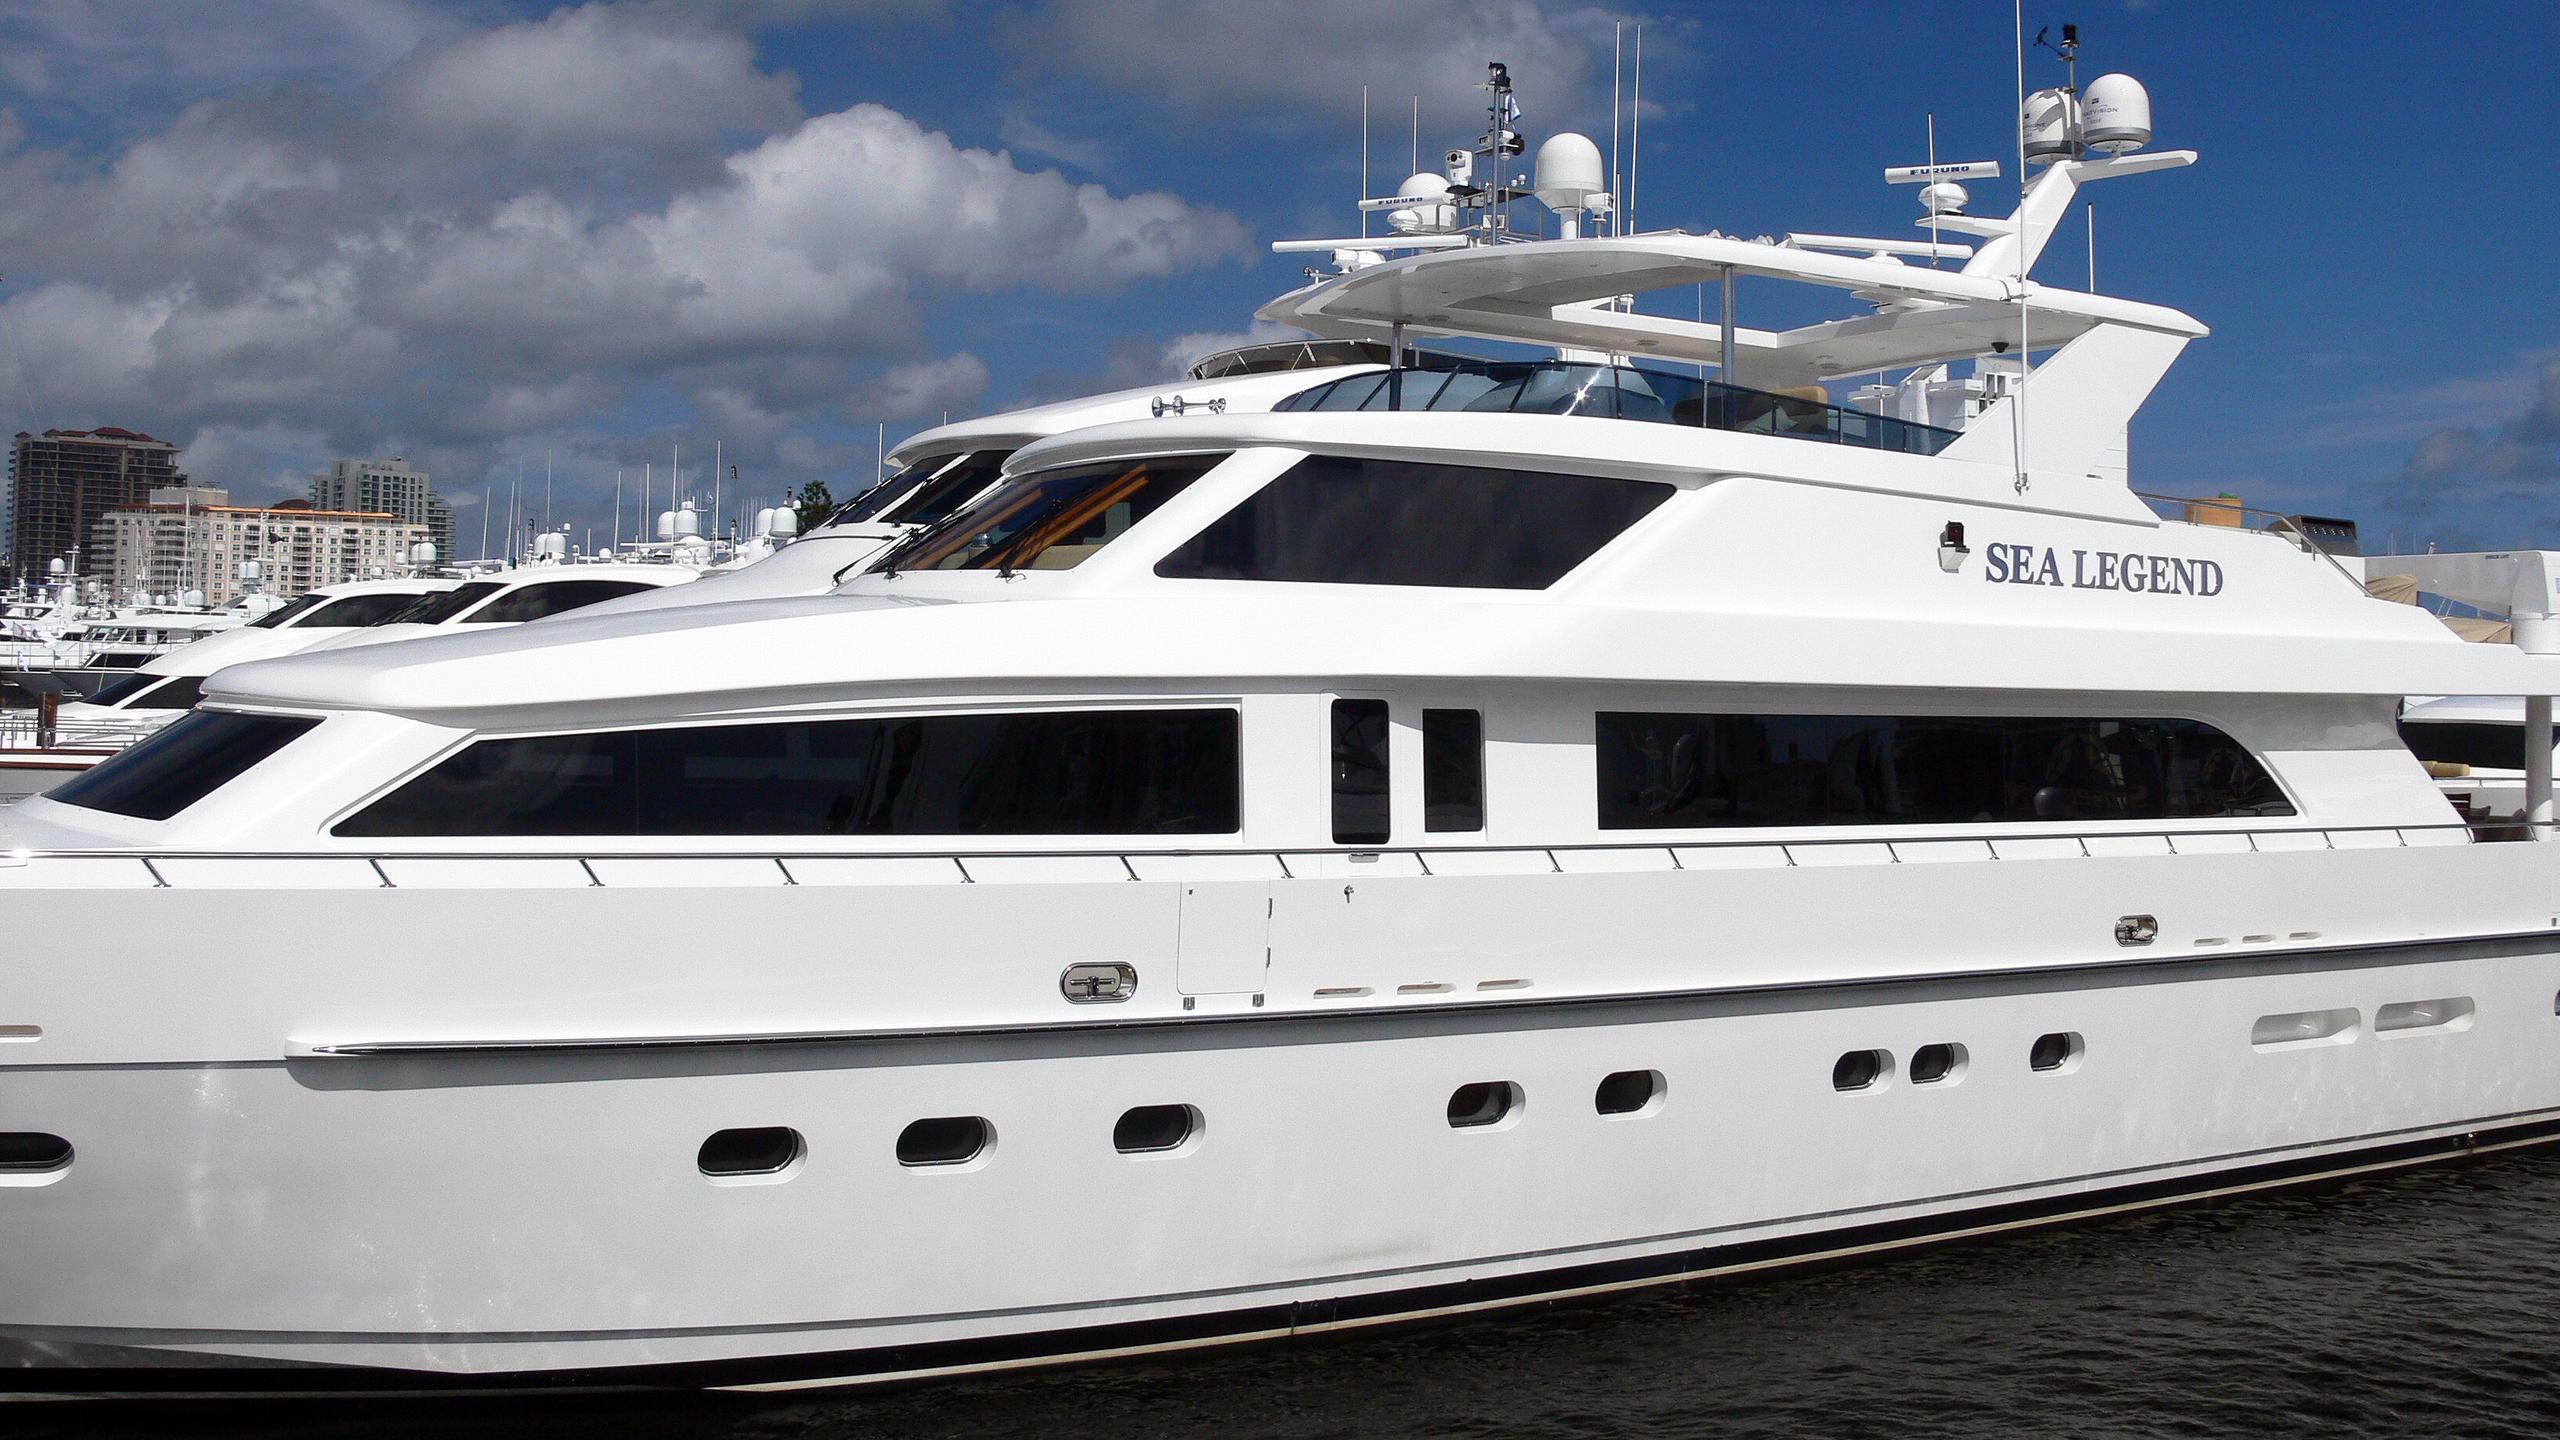 sea-legend-motor-yacht-hargrave-2008-35m-profile-details